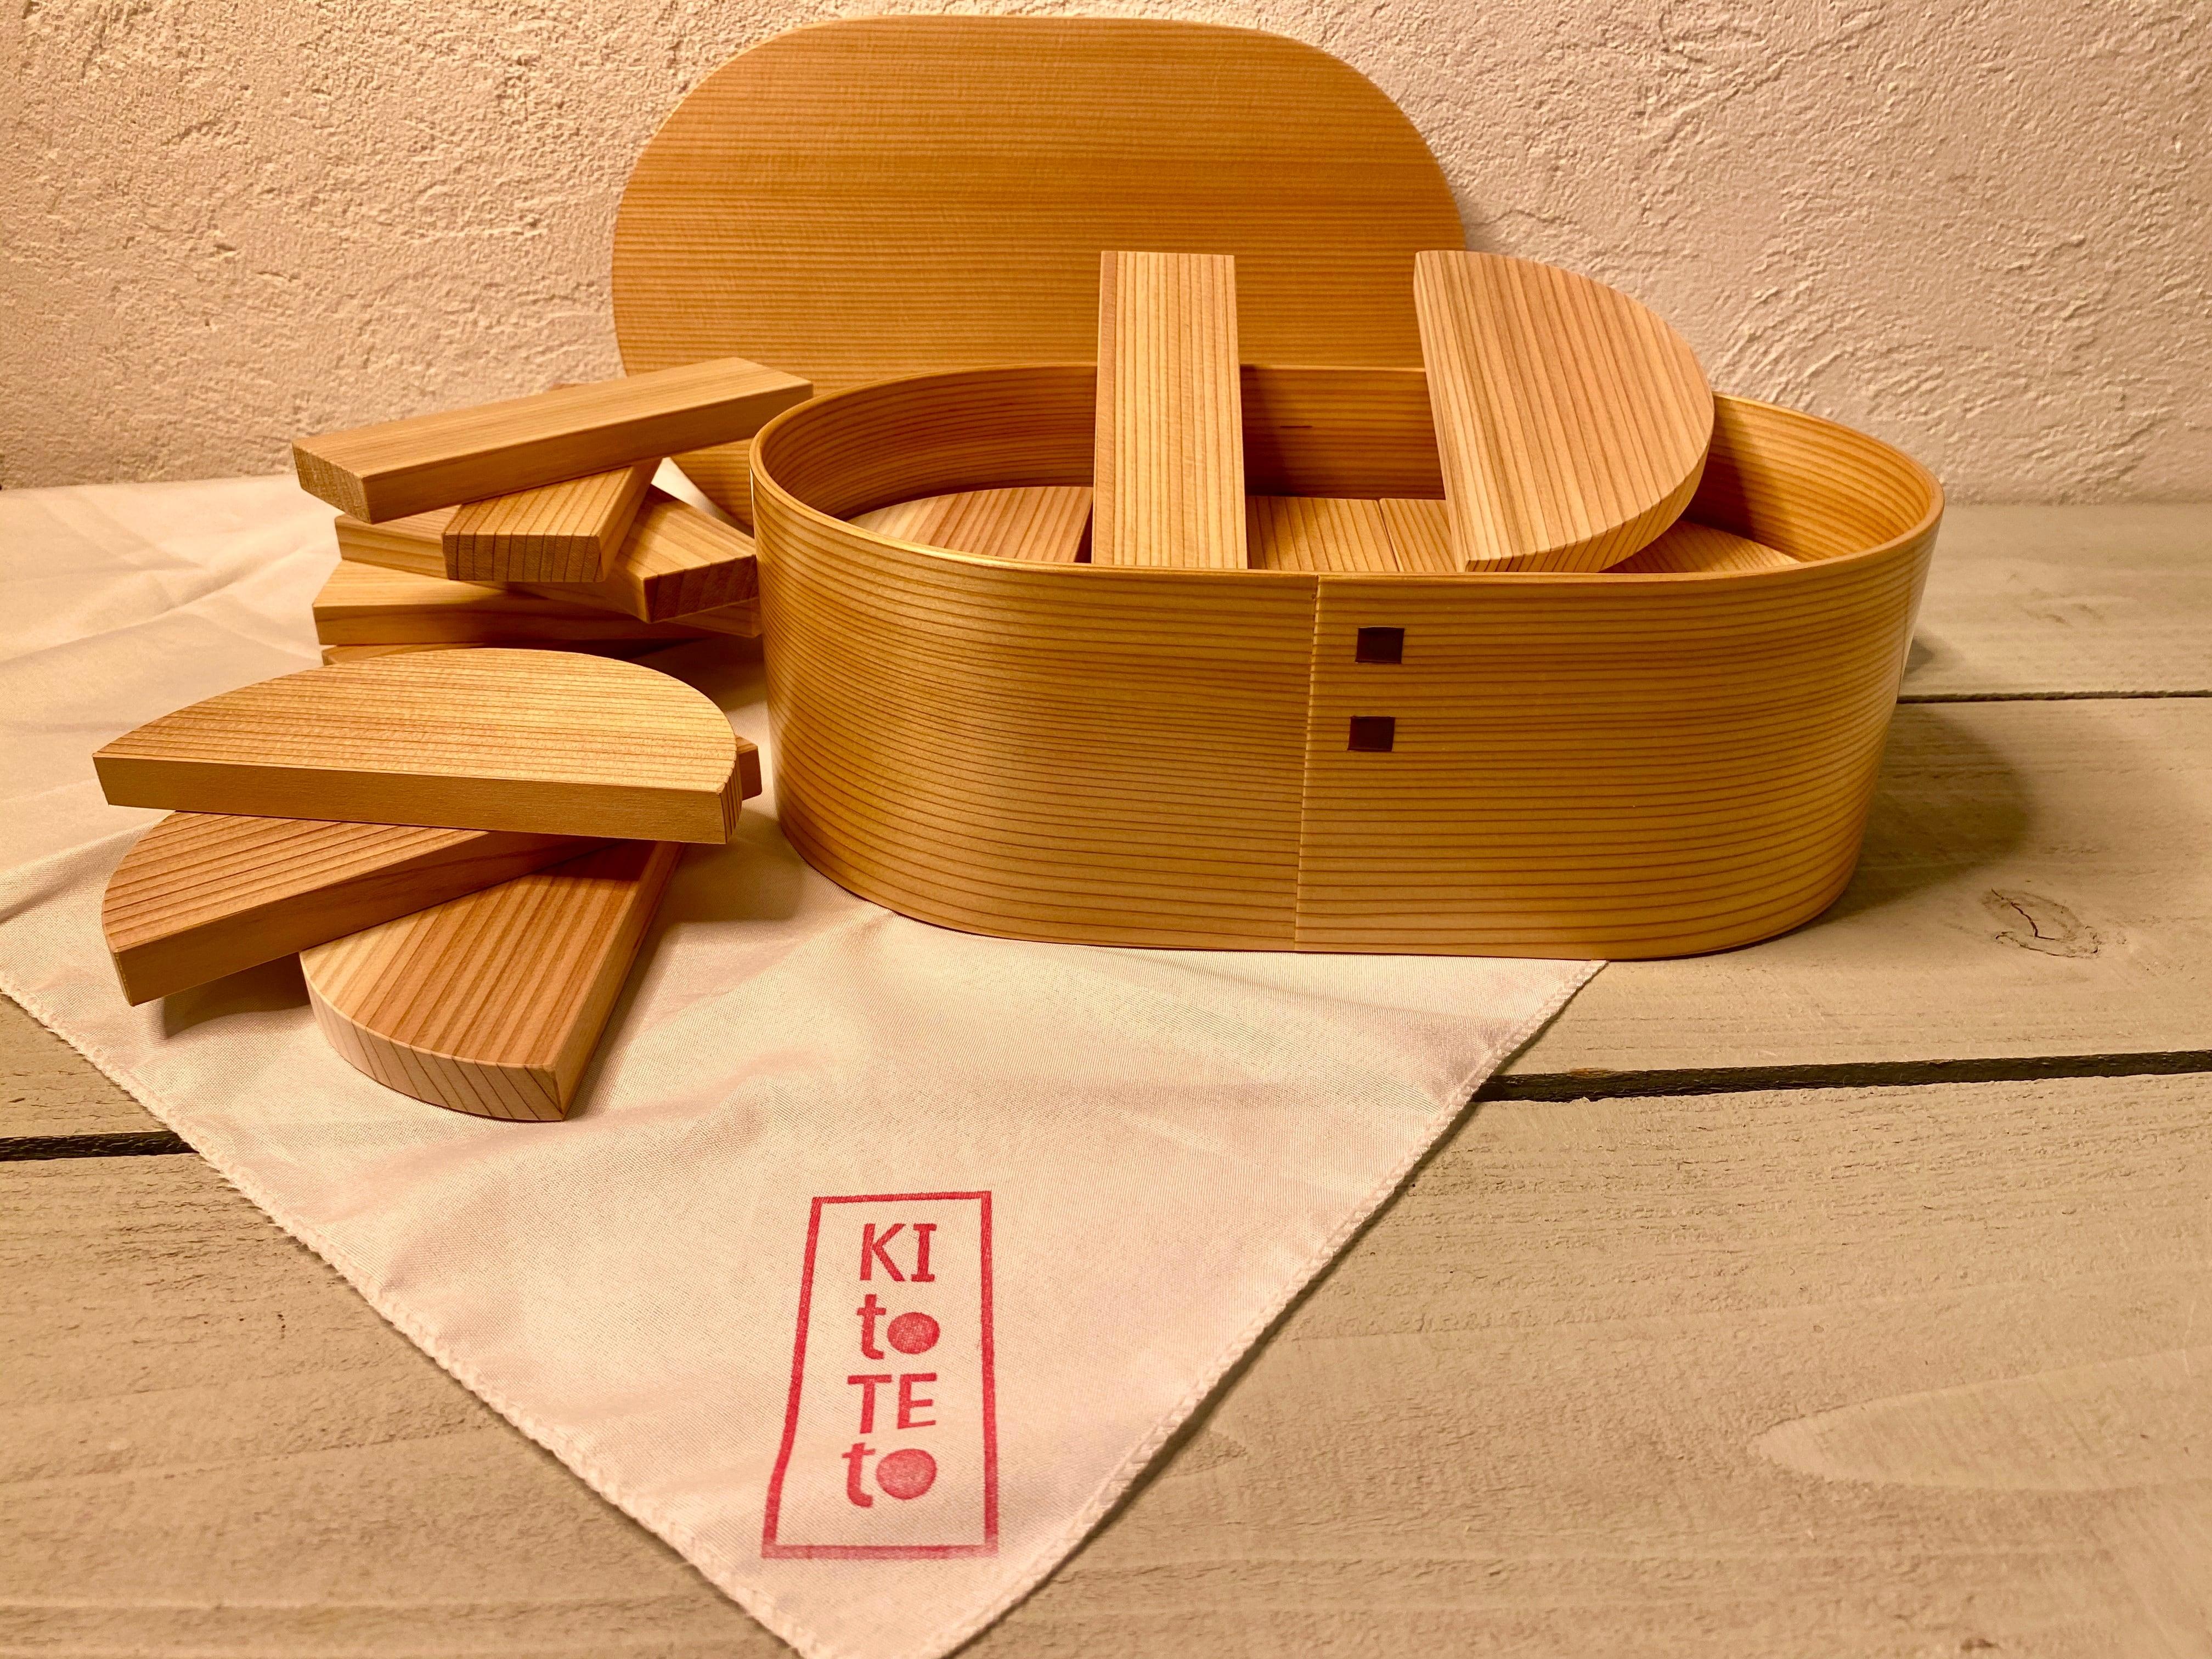 コロナに負けるなキャンペーン!!おもちゃ20%OFF!! KItoTEto大館工芸社 謹製 百年杉の森の積み木